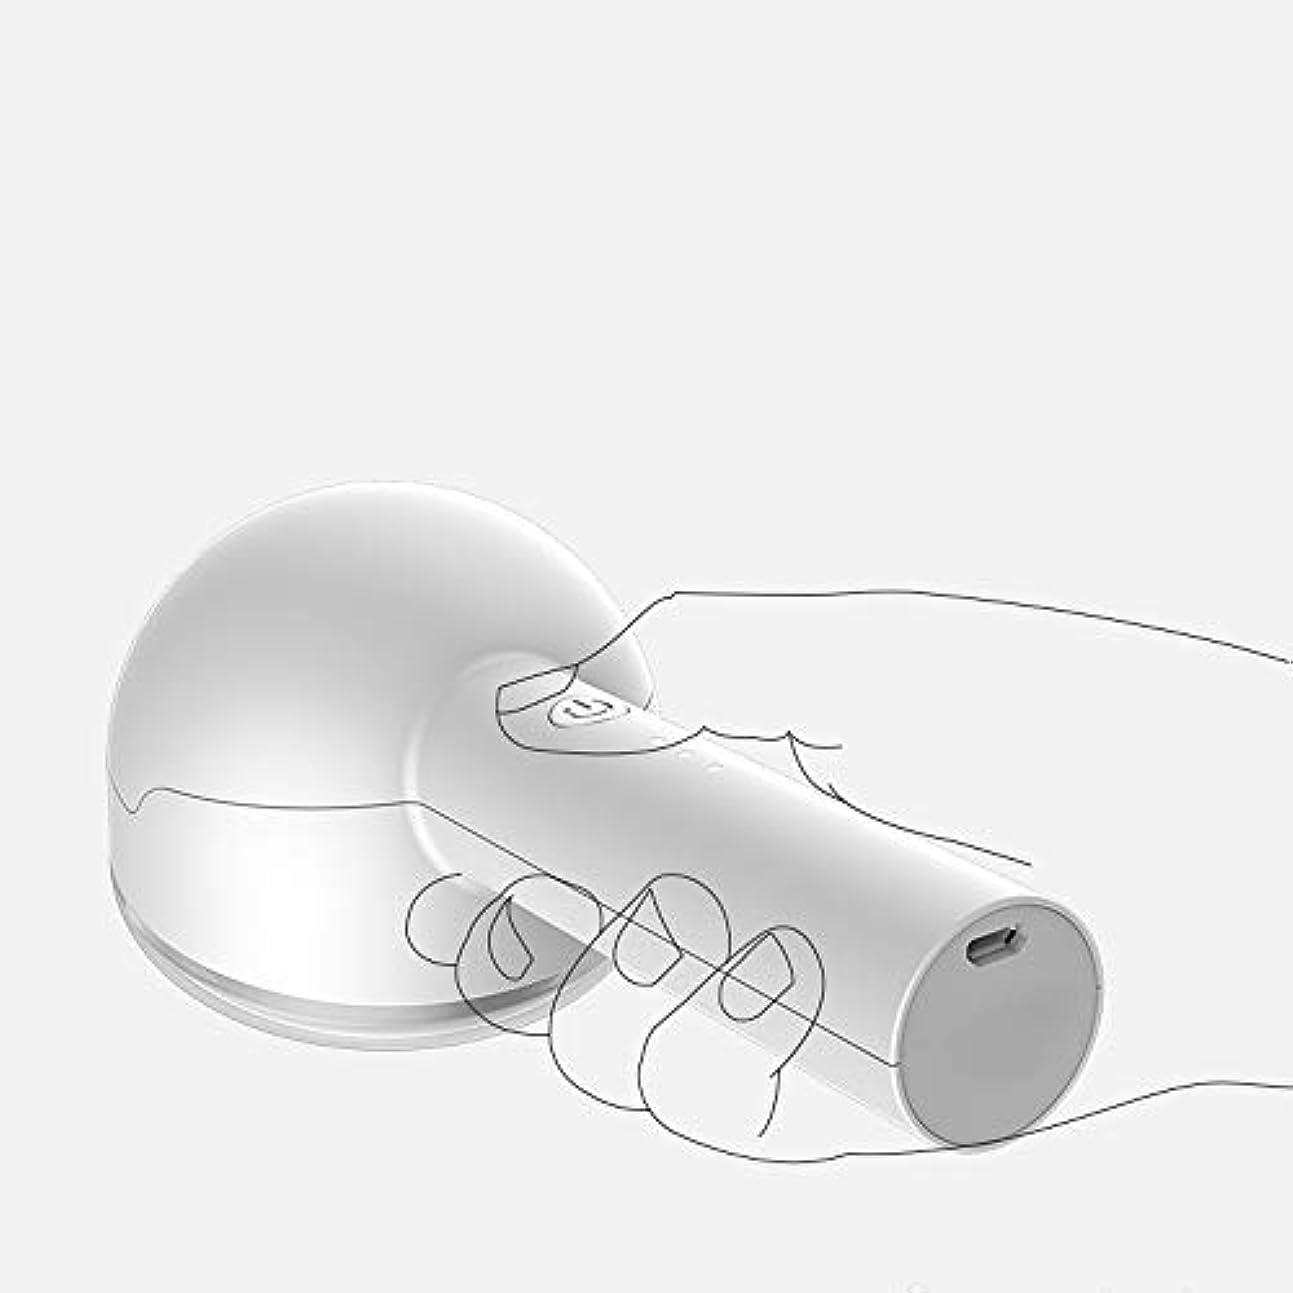 盲信バイソンレジデンス飛強強 ファブリックシェーバー - リントリムーバー衣類シェーバーフリース服の充電式ボブファブリックシェーバー 家具の脱毛 (Color : White)